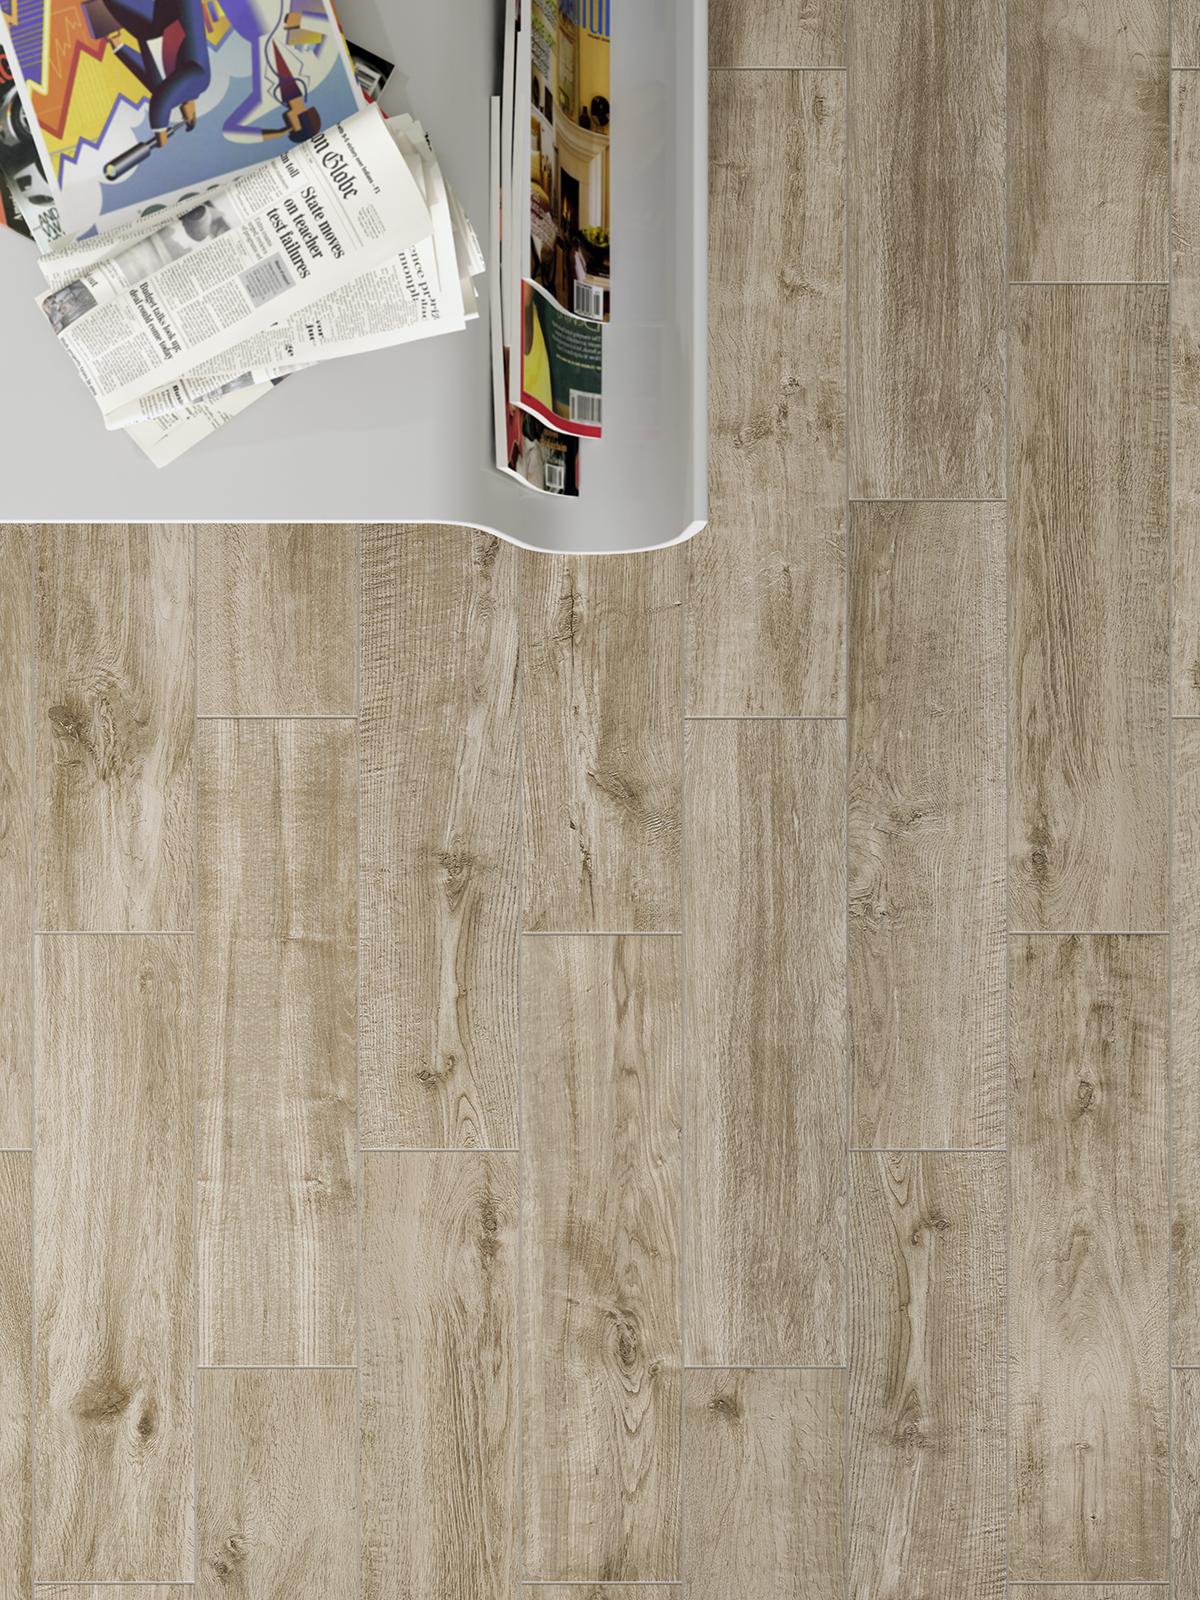 Wohnzimmer und Kamin badezimmer grün weiß : Fliesen in Holzoptik : Marazzi